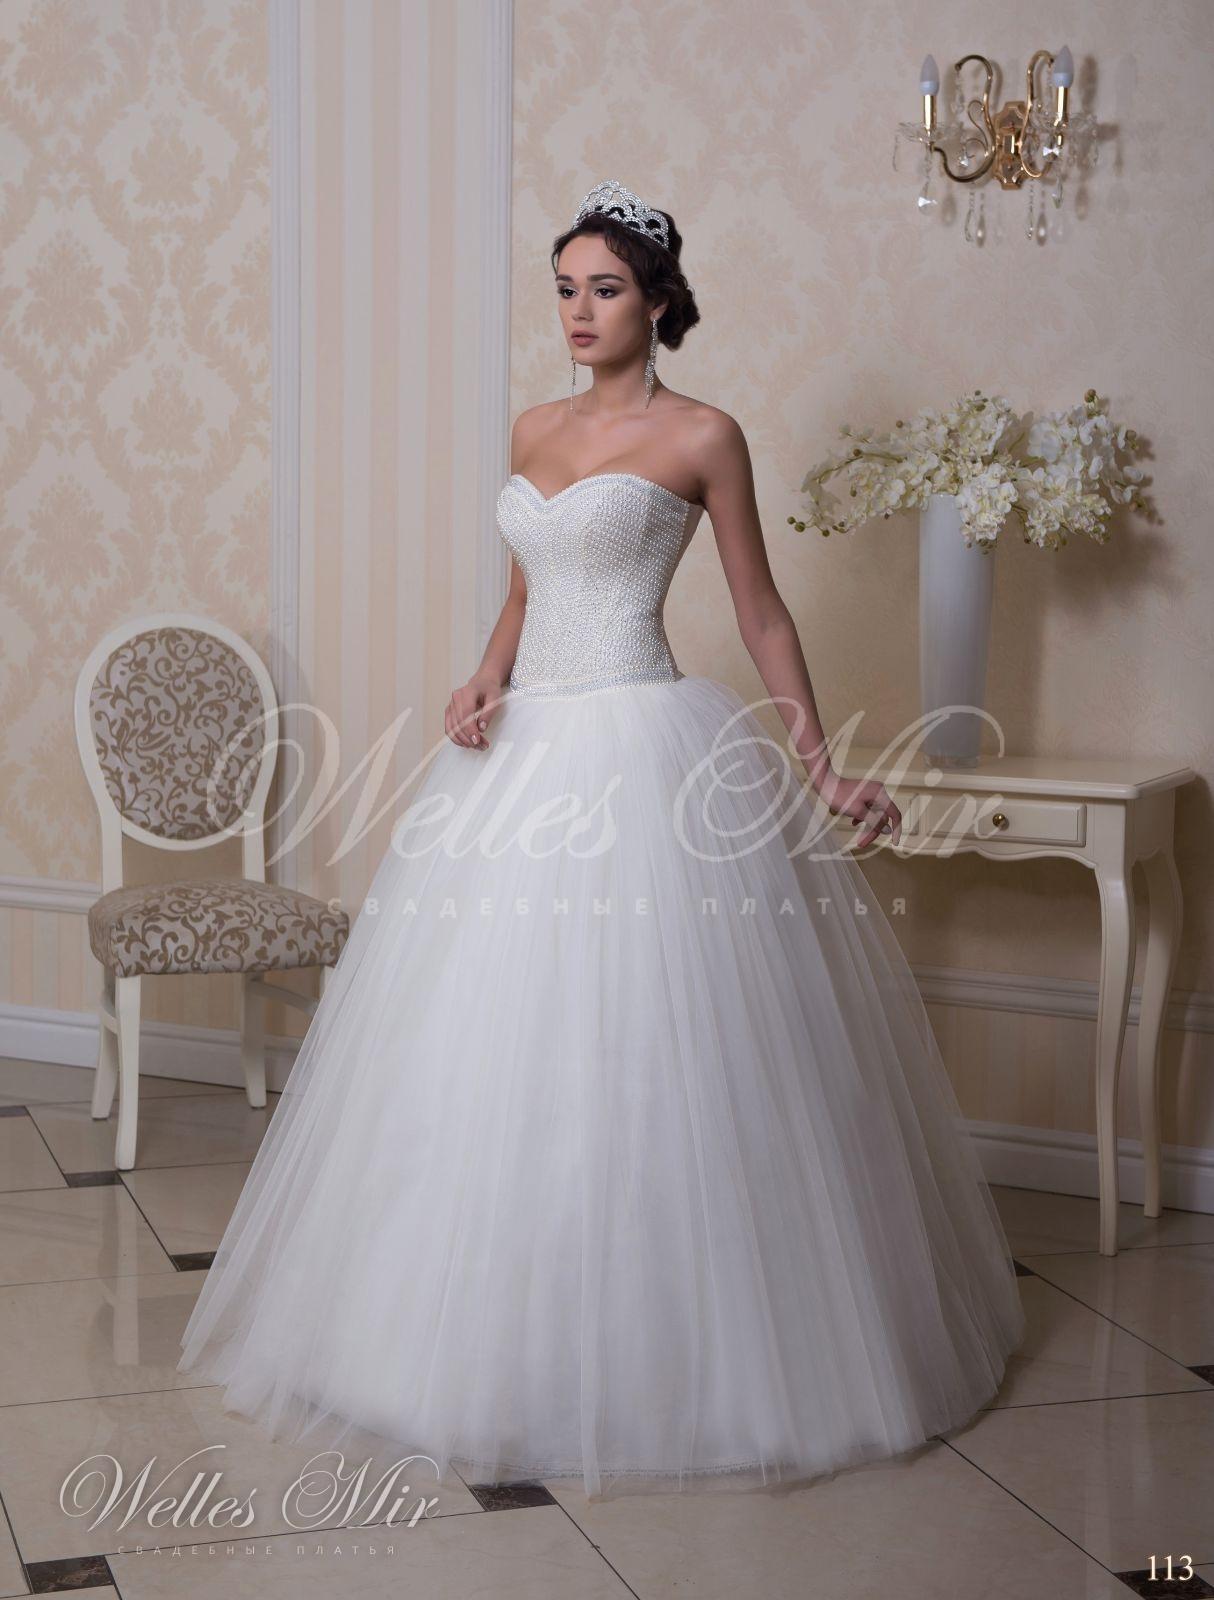 Свадебные платья Charming Elegance - 113